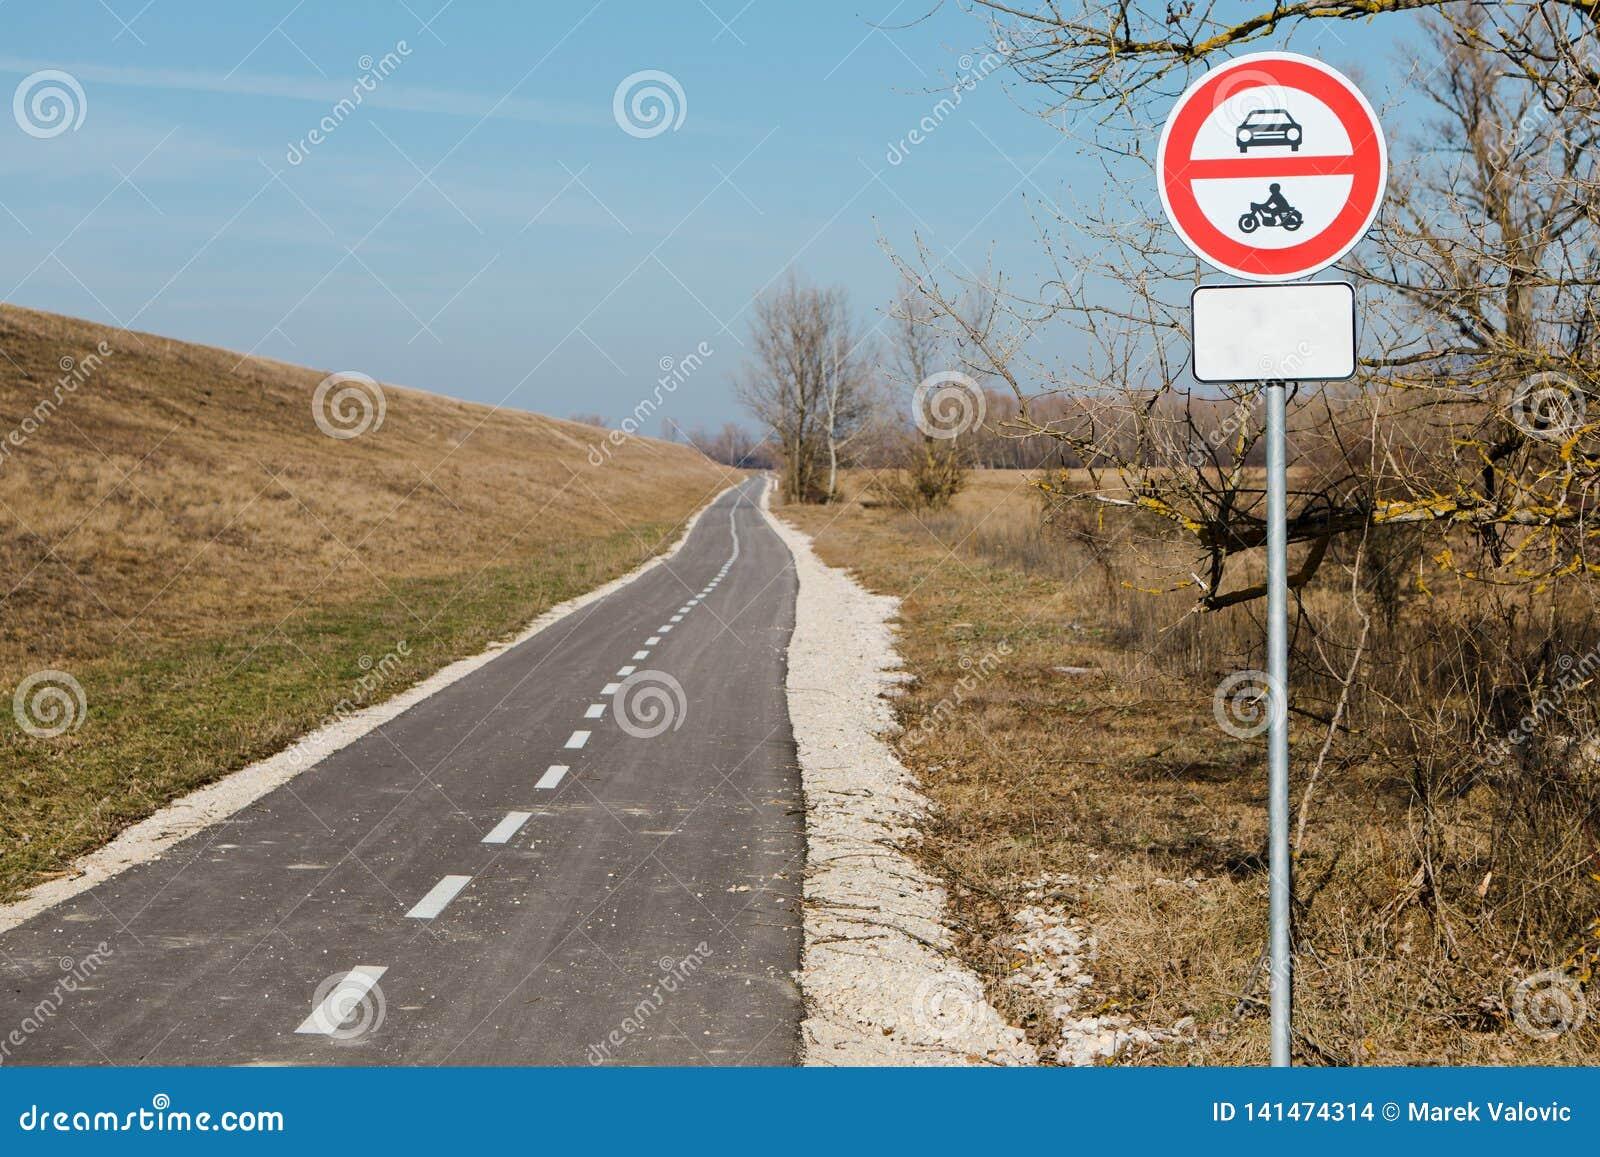 Geen ingang voor gemotoriseerde voertuigen - vermijd verontreiniging